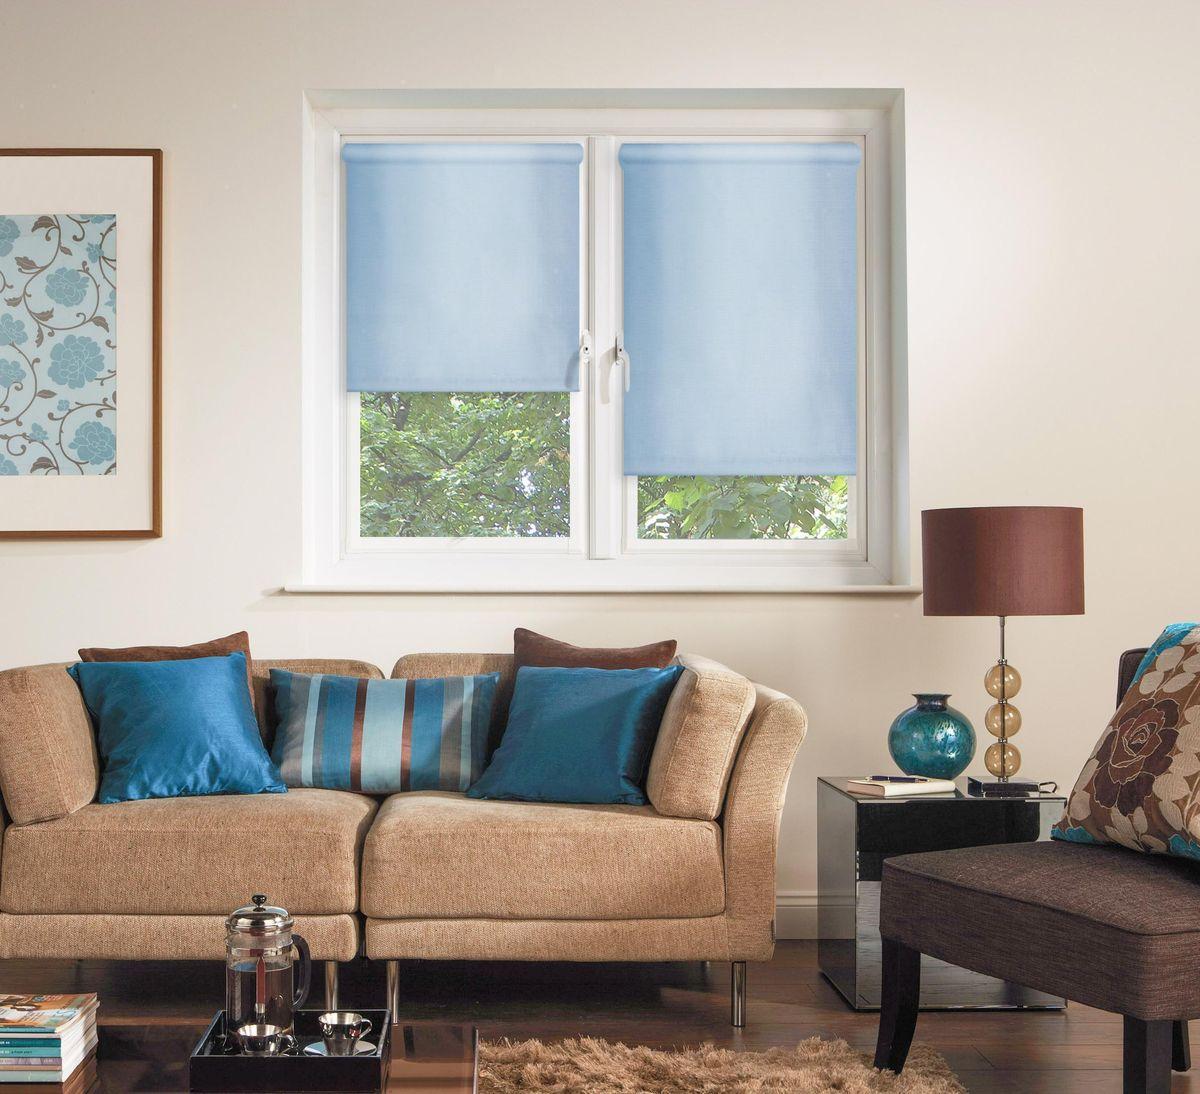 Штора рулонная Эскар, цвет: голубой, ширина 160 см, высота 170 см81005160170Рулонными шторами можно оформлять окна как самостоятельно, так и использовать в комбинации с портьерами. Это поможет предотвратить выгорание дорогой ткани на солнце и соединит функционал рулонных с красотой навесных. Преимущества применения рулонных штор для пластиковых окон: - имеют прекрасный внешний вид: многообразие и фактурность материала изделия отлично смотрятся в любом интерьере; - многофункциональны: есть возможность подобрать шторы способные эффективно защитить комнату от солнца, при этом о на не будет слишком темной. - Есть возможность осуществить быстрый монтаж. ВНИМАНИЕ! Размеры ширины изделия указаны по ширине ткани! Во время эксплуатации не рекомендуется полностью разматывать рулон, чтобы не оторвать ткань от намоточного вала. В случае загрязнения поверхности ткани, чистку шторы проводят одним из способов, в зависимости от типа загрязнения: легкое поверхностное загрязнение можно удалить при помощи...